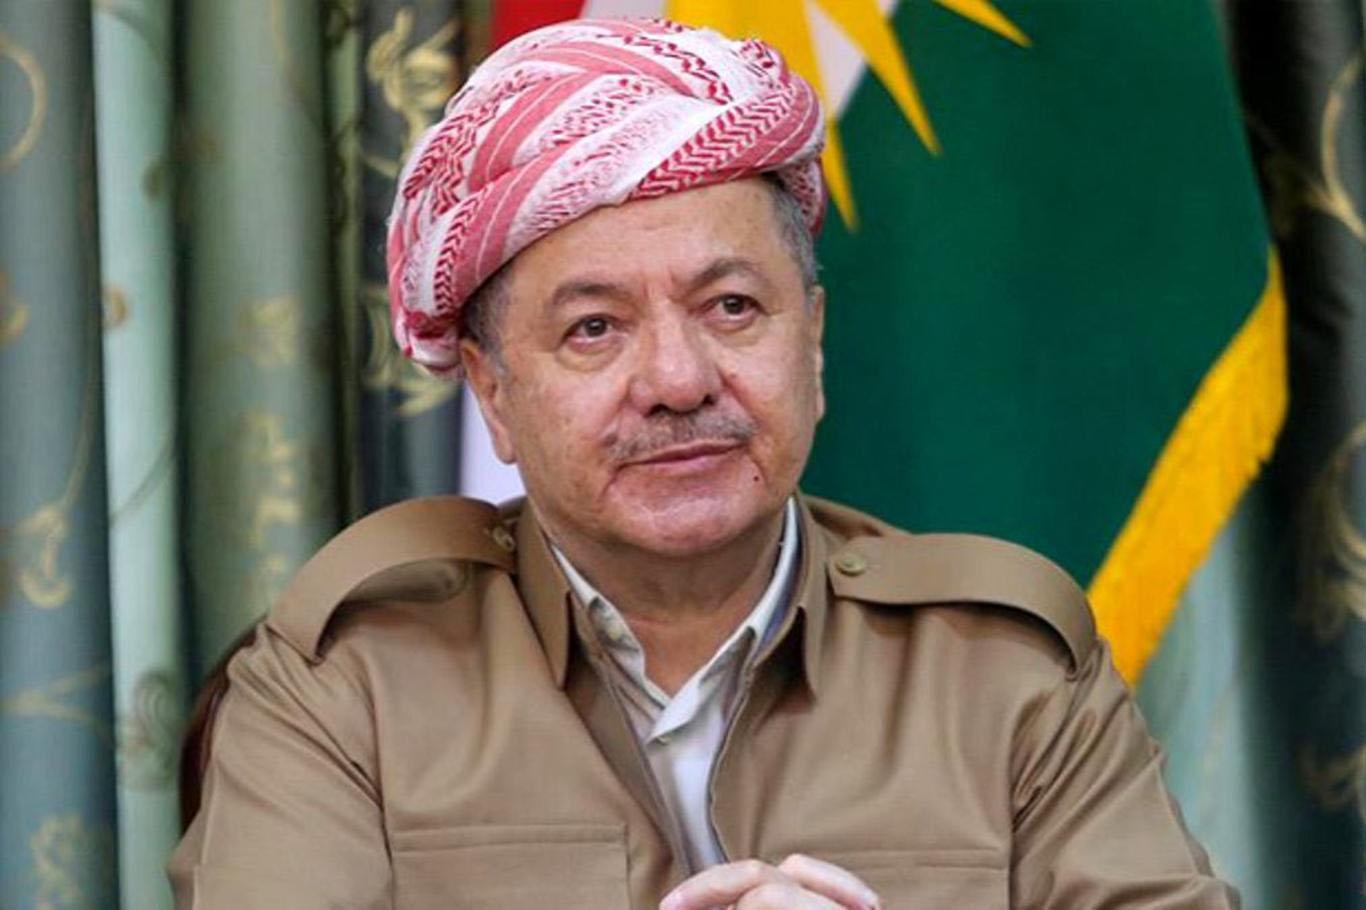 Başkan Barzani'den Enfal mesajı: Milletimizin meşru haklarında ısrarcı olacağız